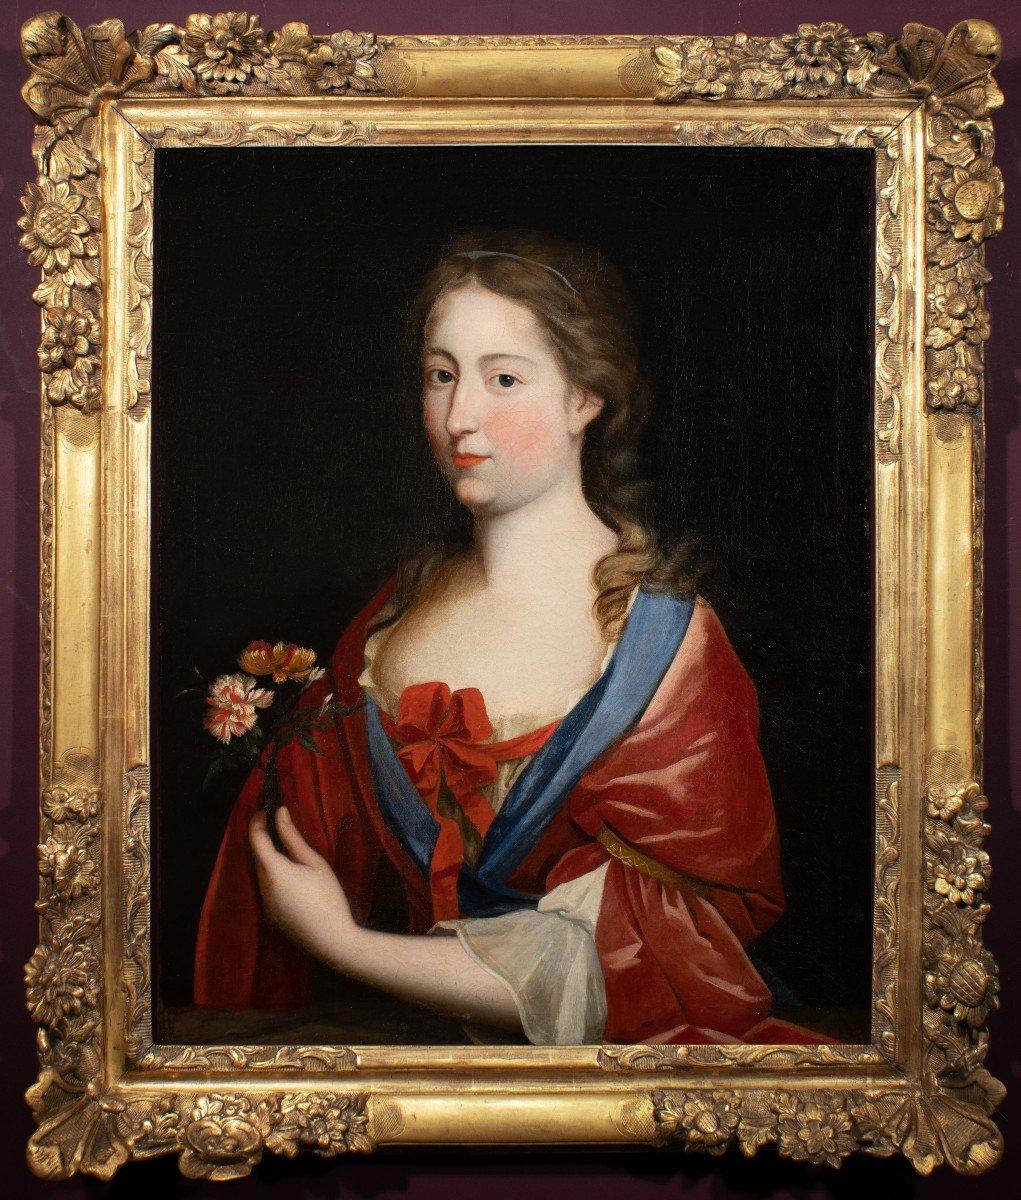 Portrait d'une Dame de qualité aux œillets, Peinture du XVIIème siècle dans son cadre d'époque.